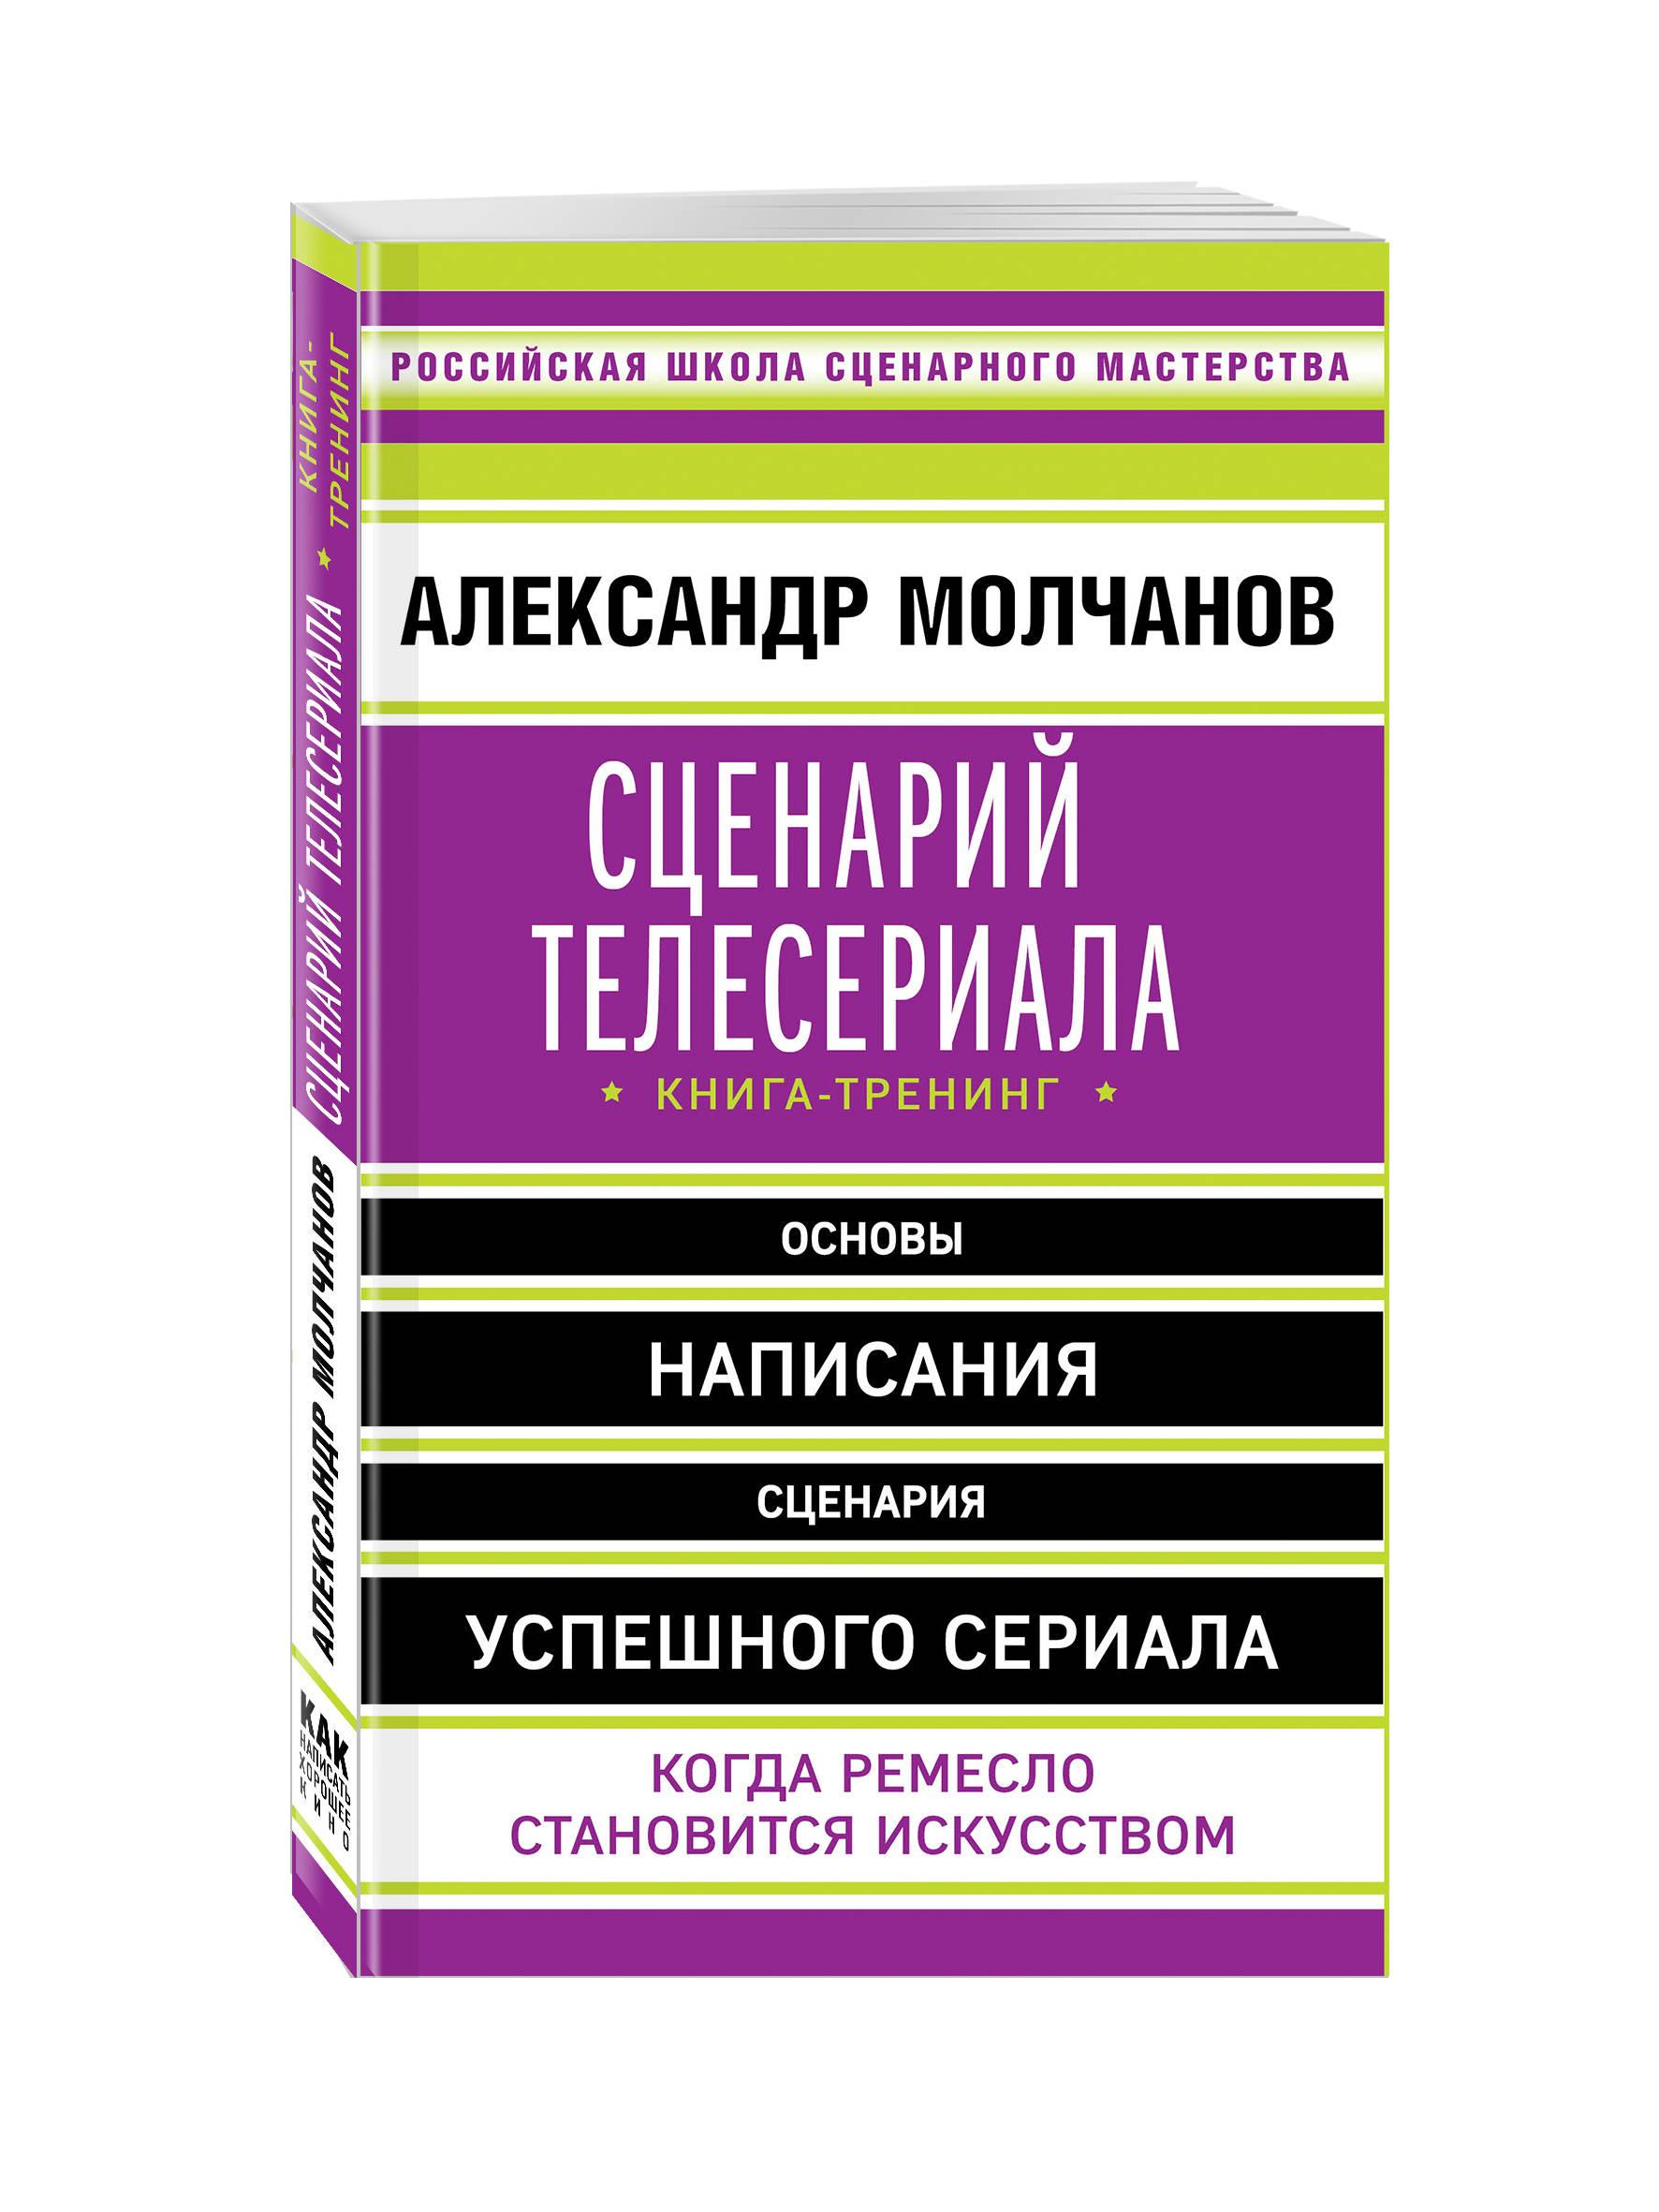 Сценарий телесериала. Книга-тренинг ( Молчанов А.В.  )